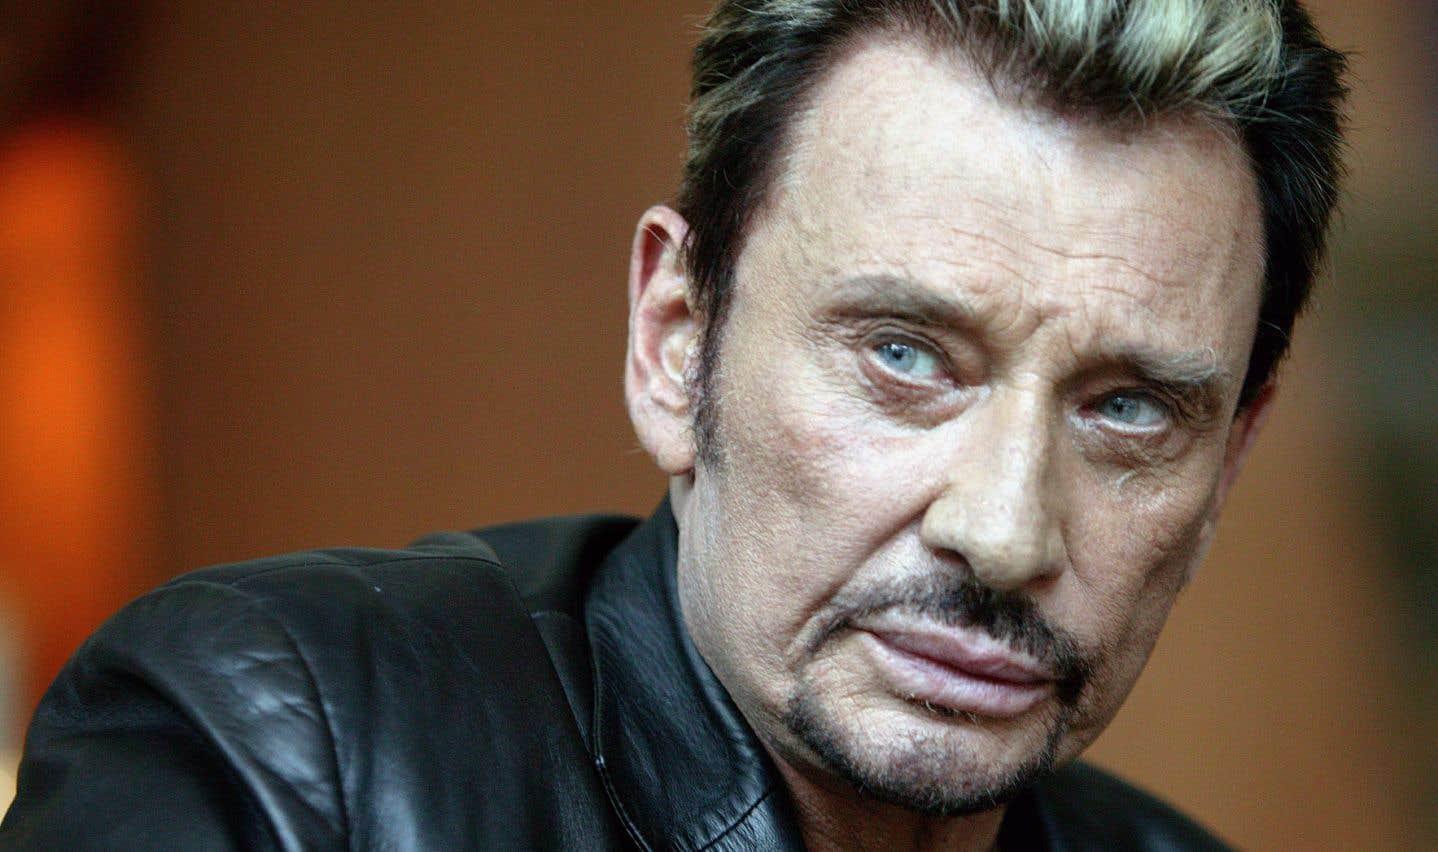 Johnny Hallyday 1943-2017: le dernier roi du rock français s'éteint